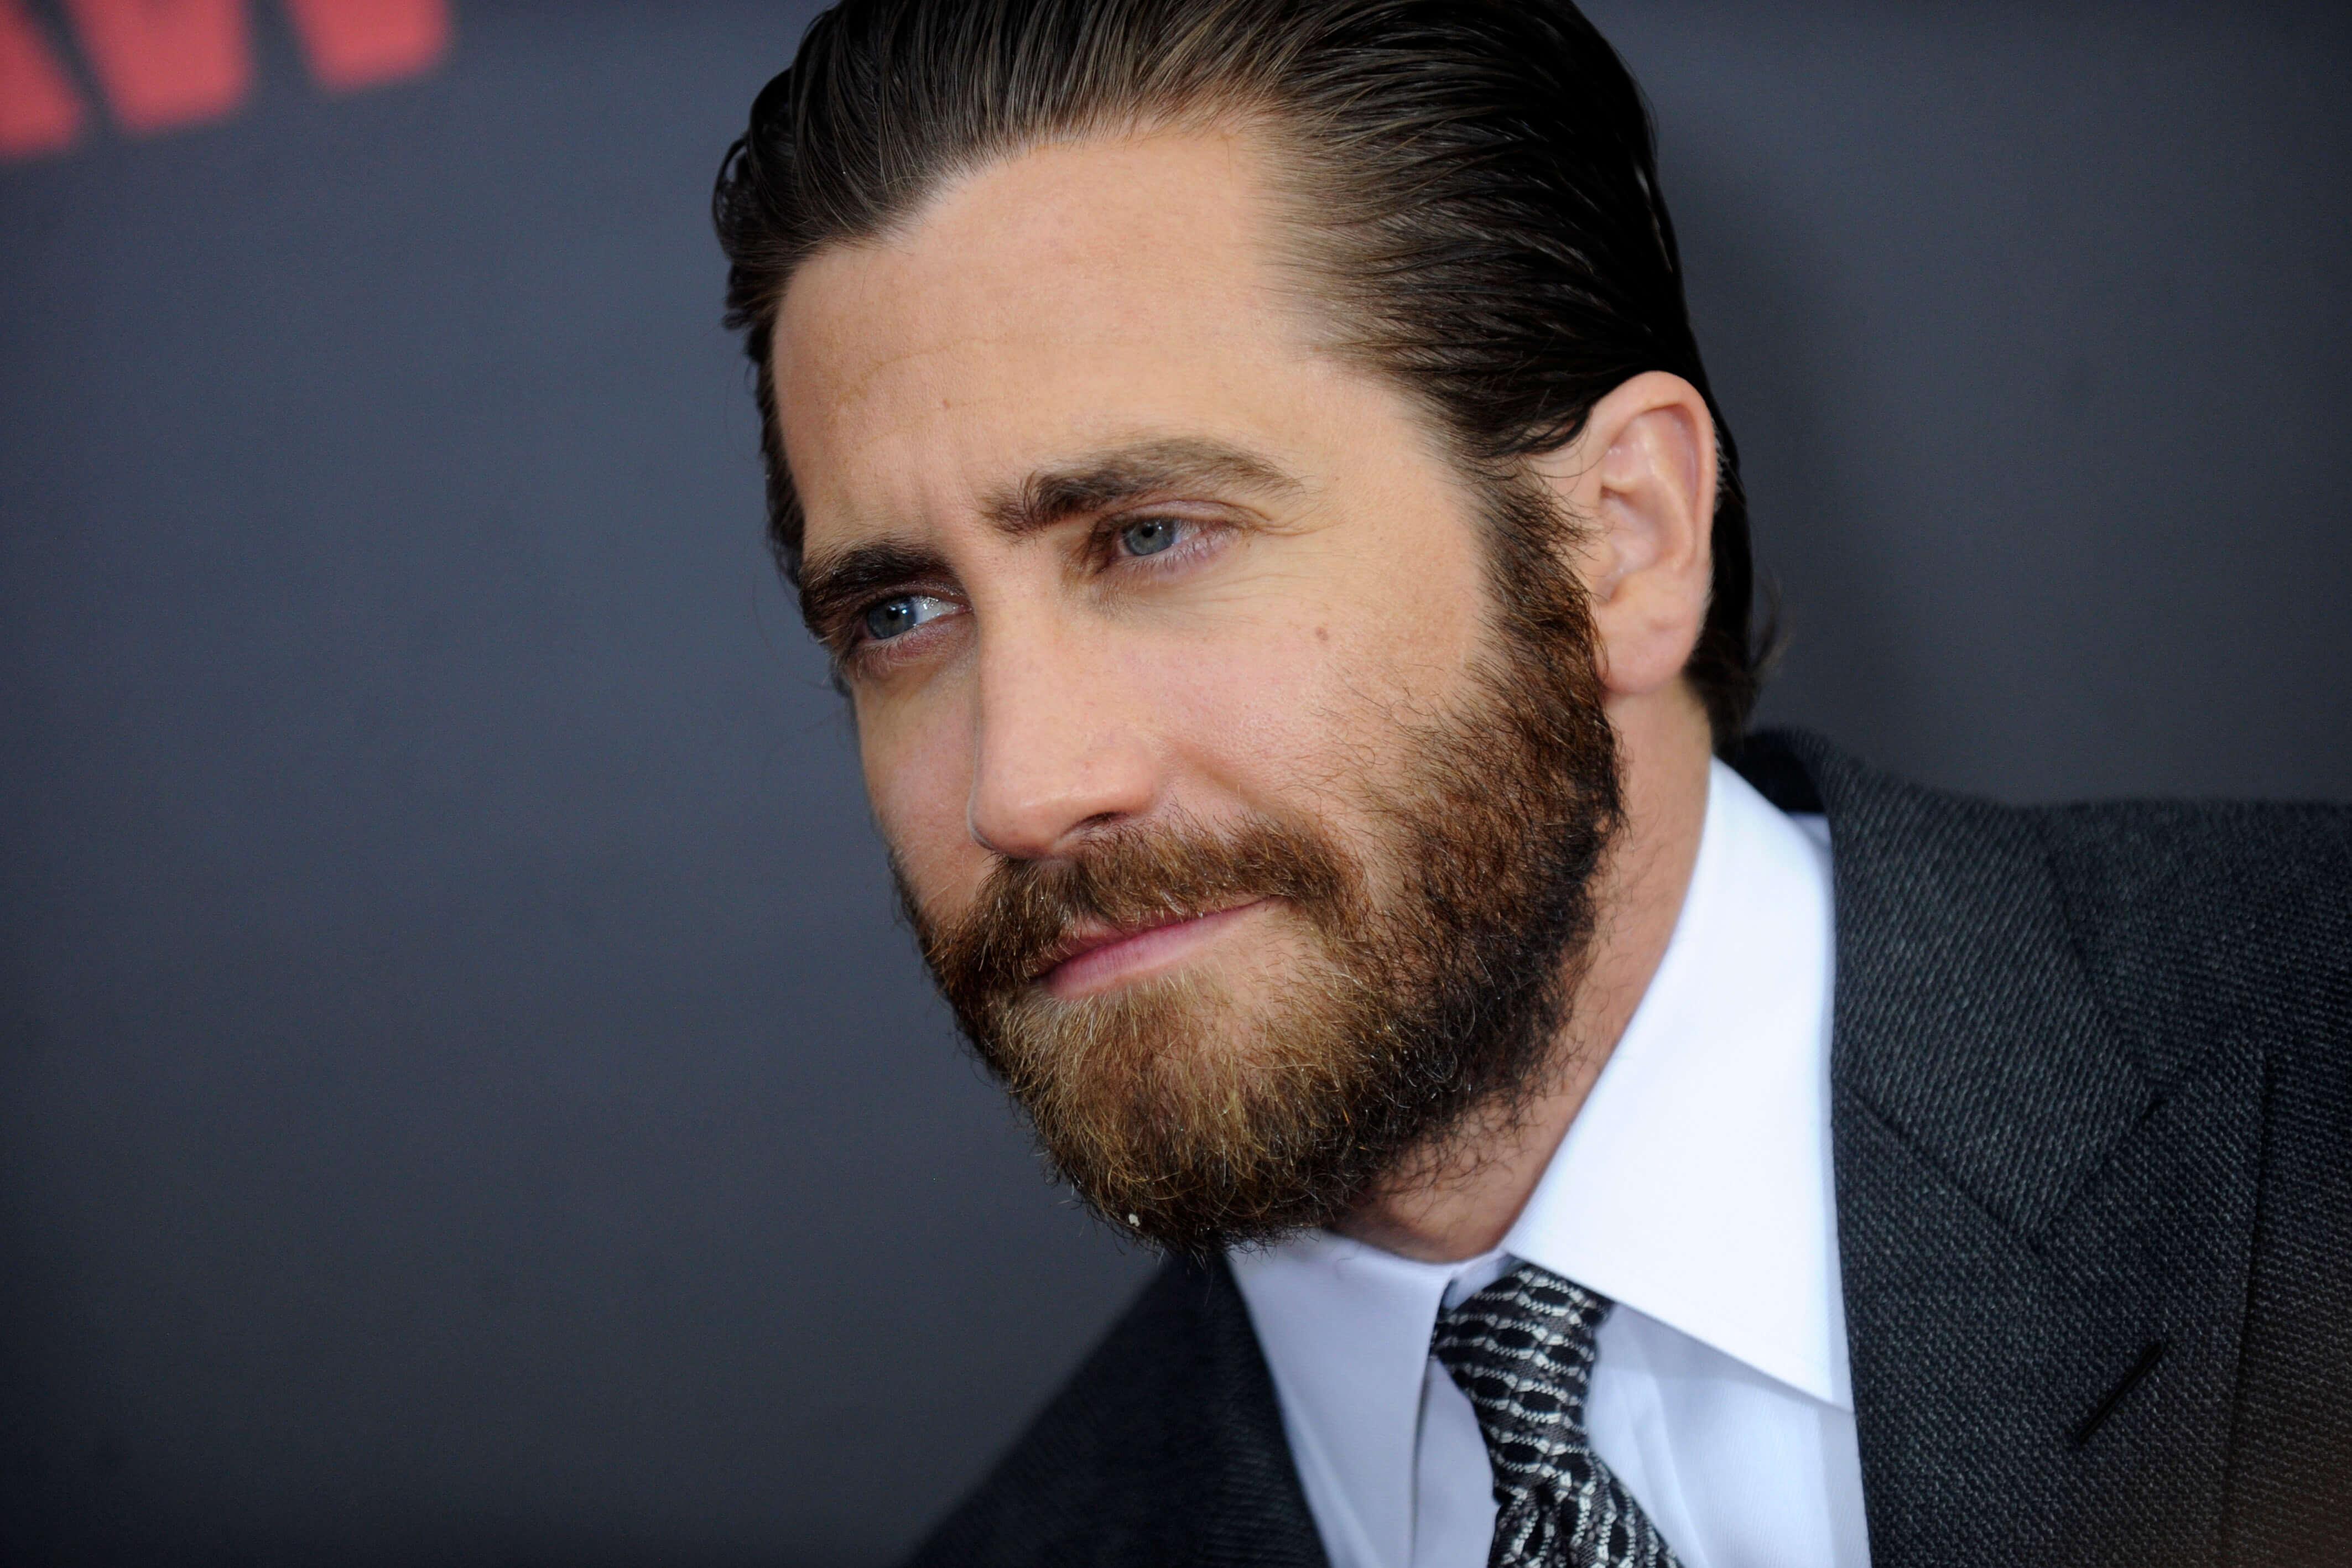 24 best beard styles